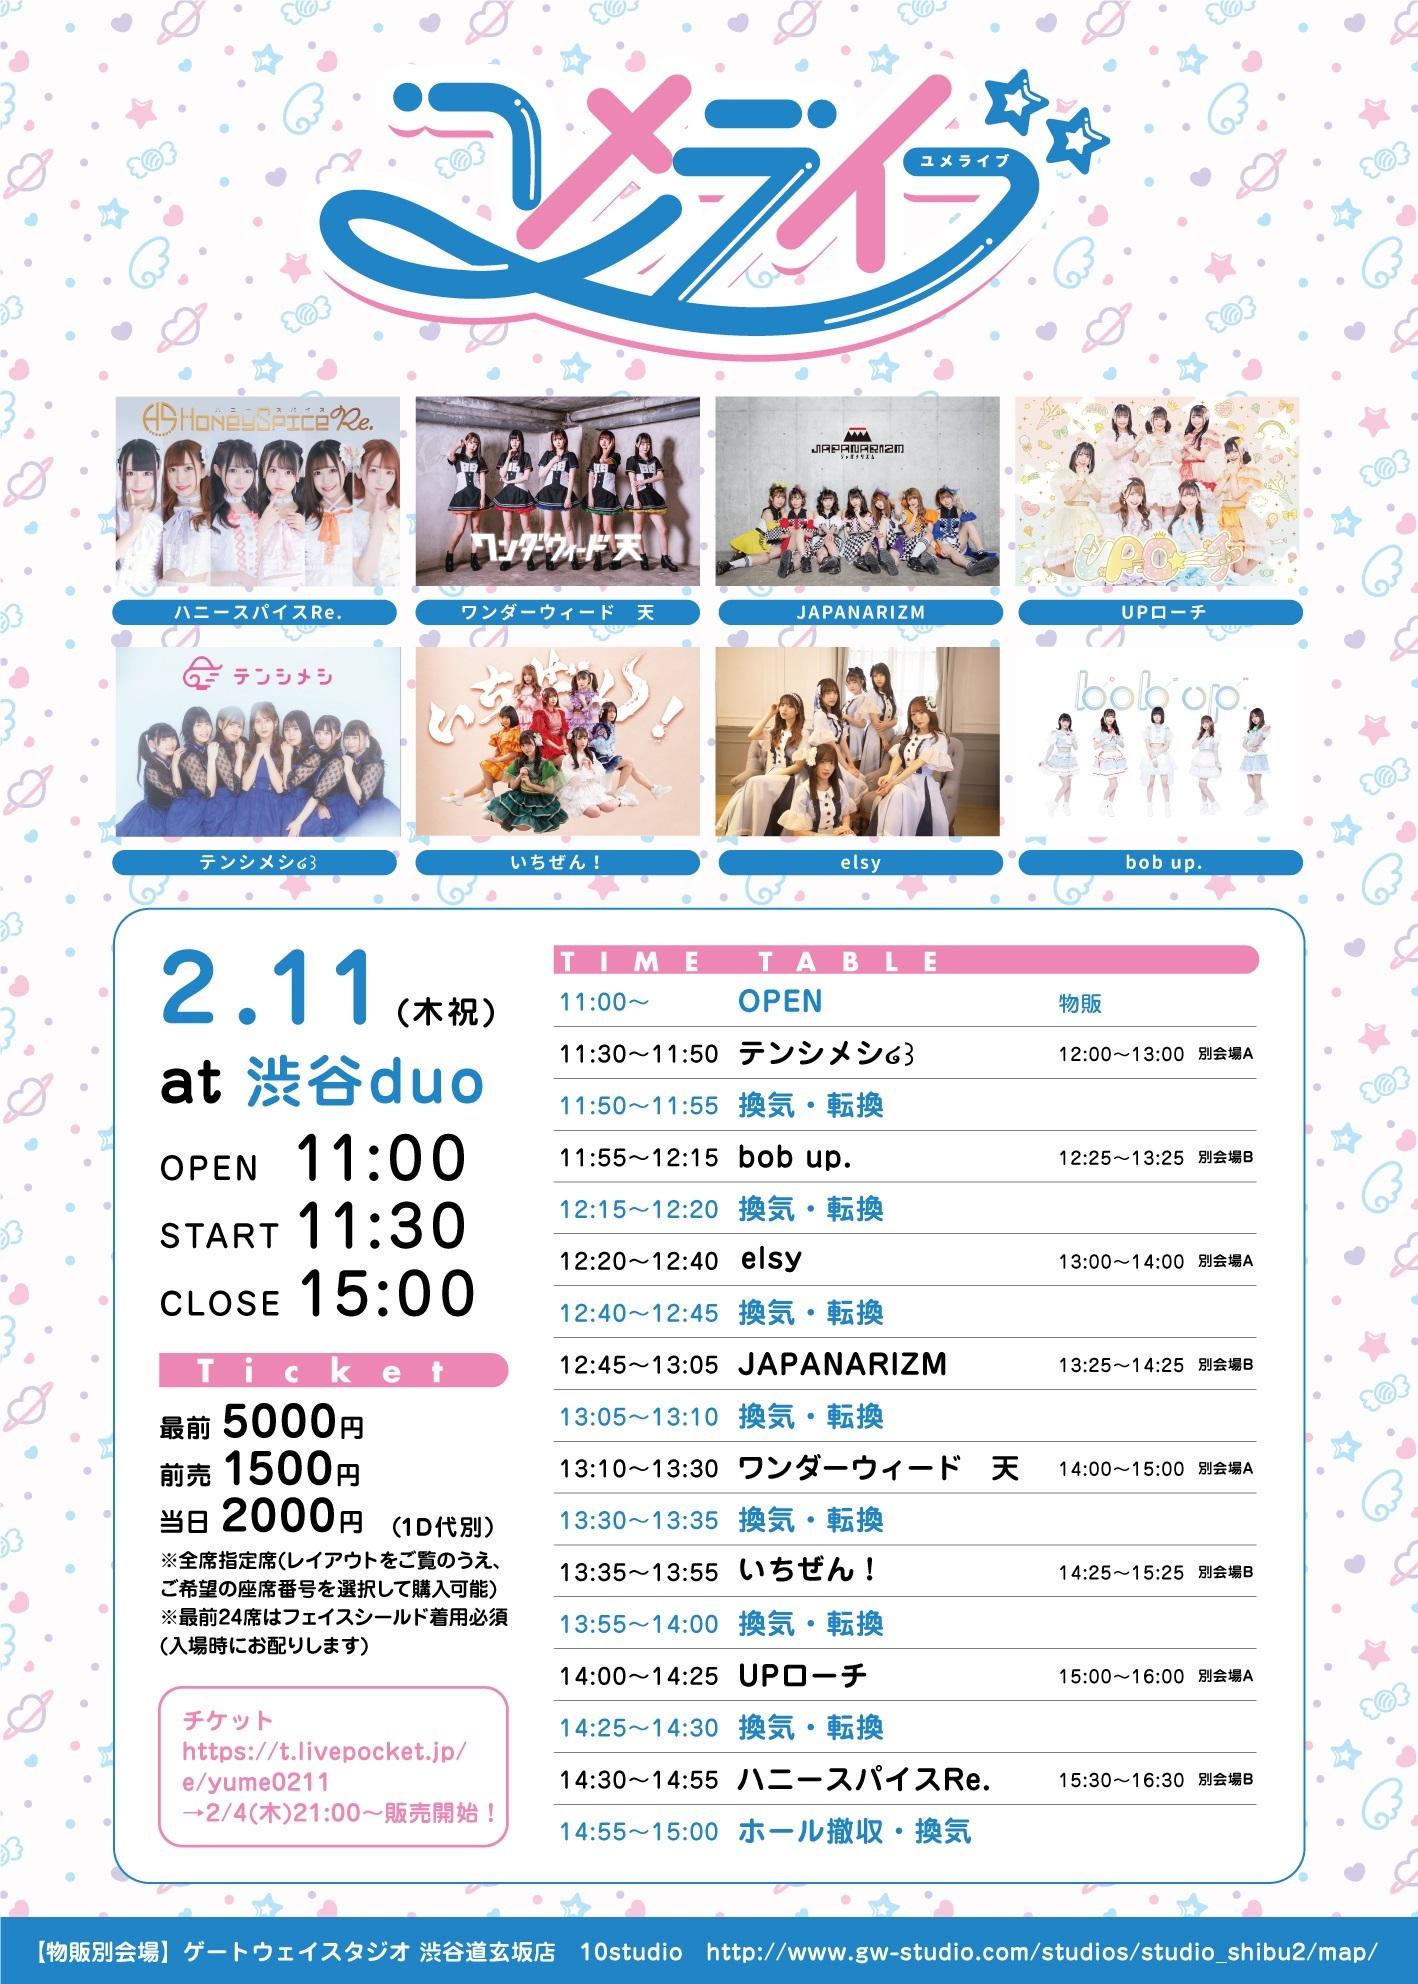 2021/2/11(木祝) 『ユメライブ』渋谷duo